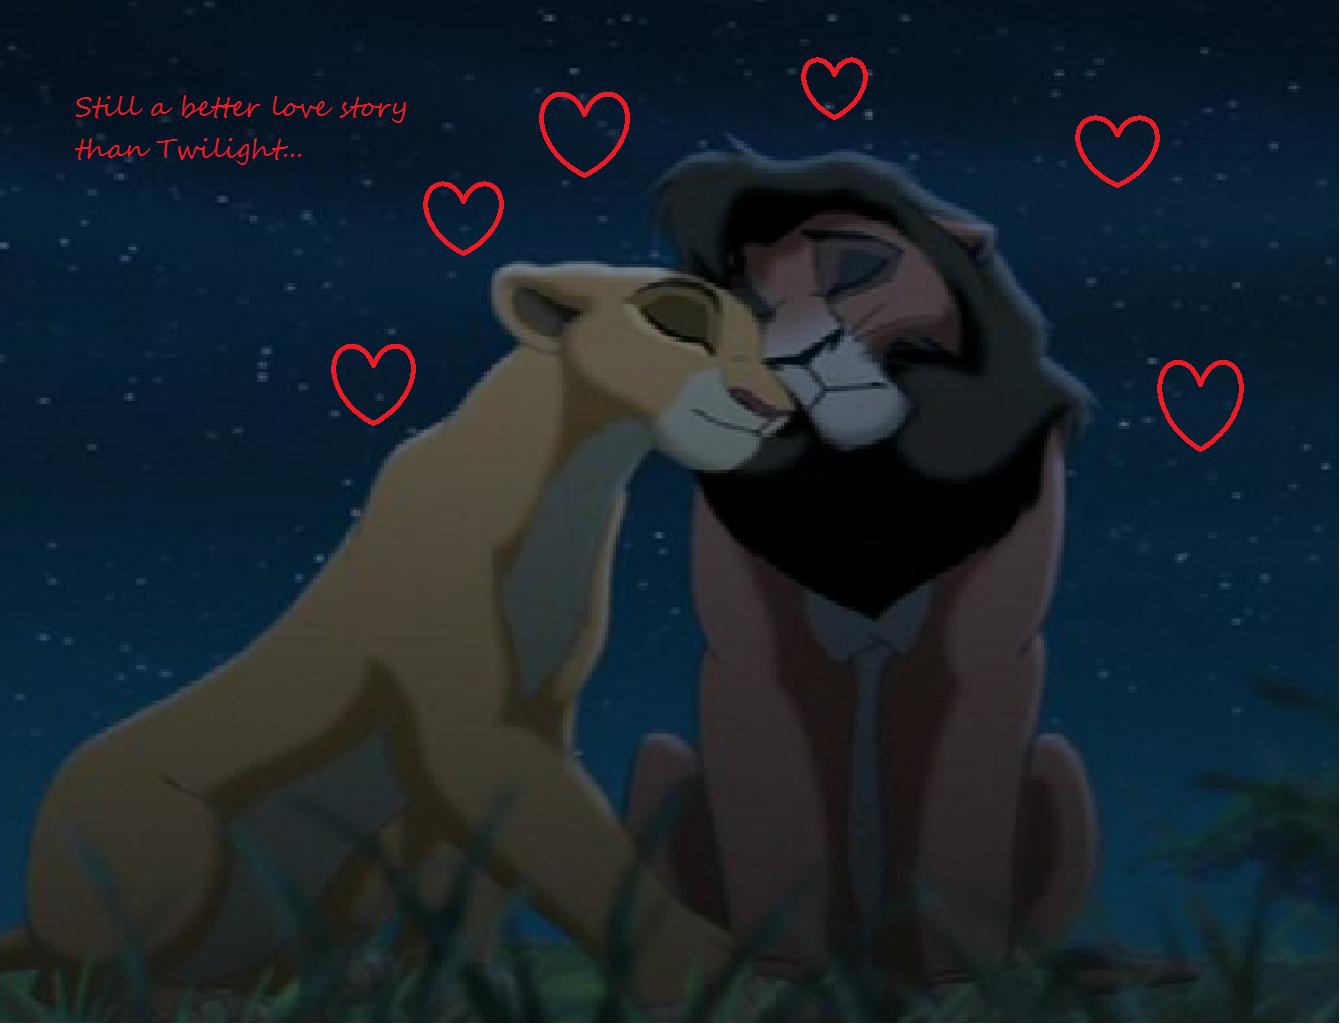 Still a better love story than twilight...